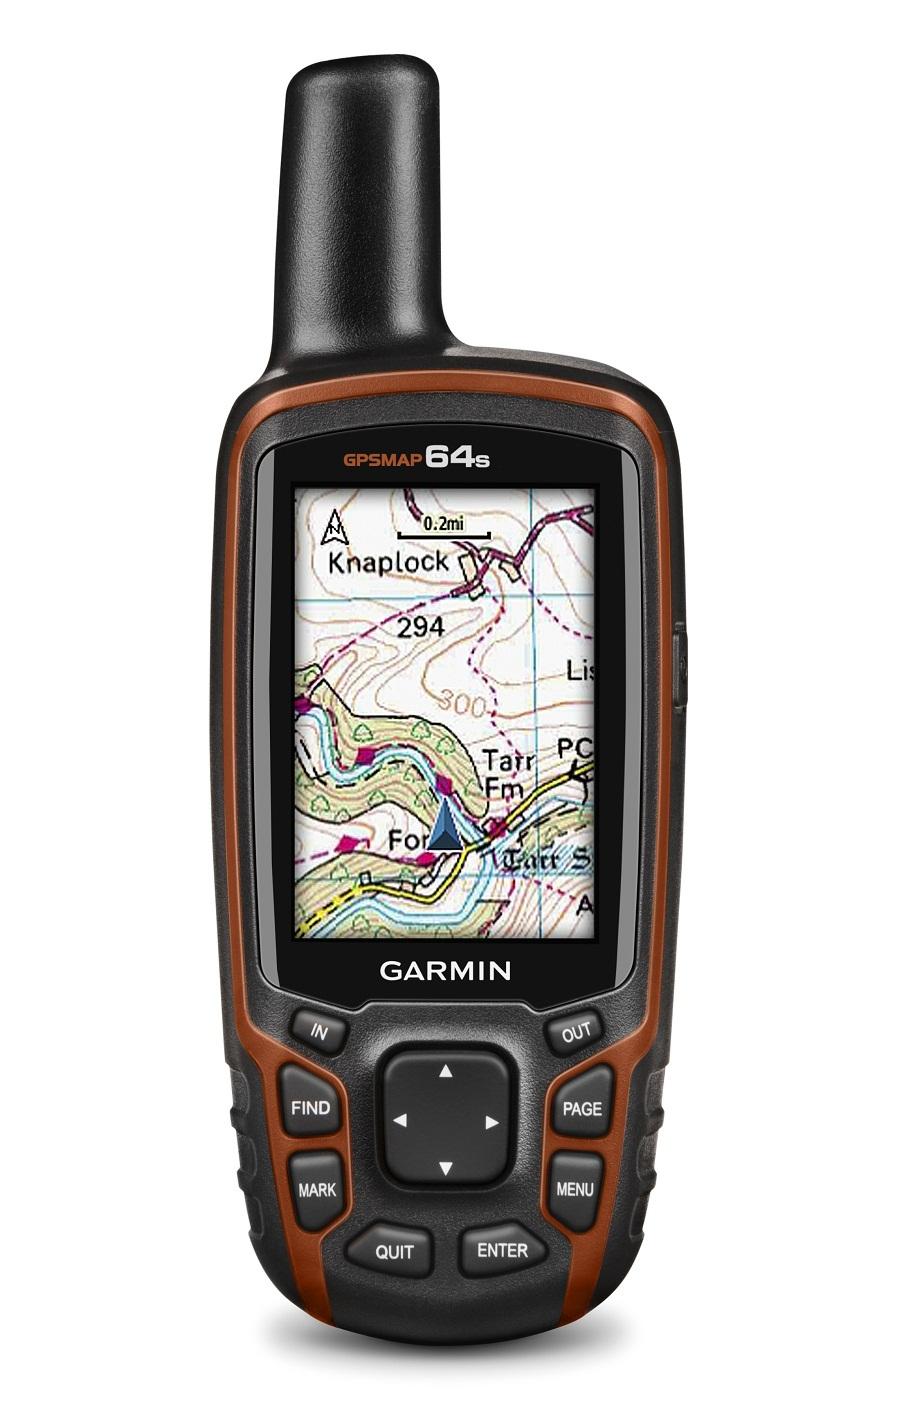 Garmin GPSMAP 64s Handheld GPS Navigator (Black/Orange) - thumbnail